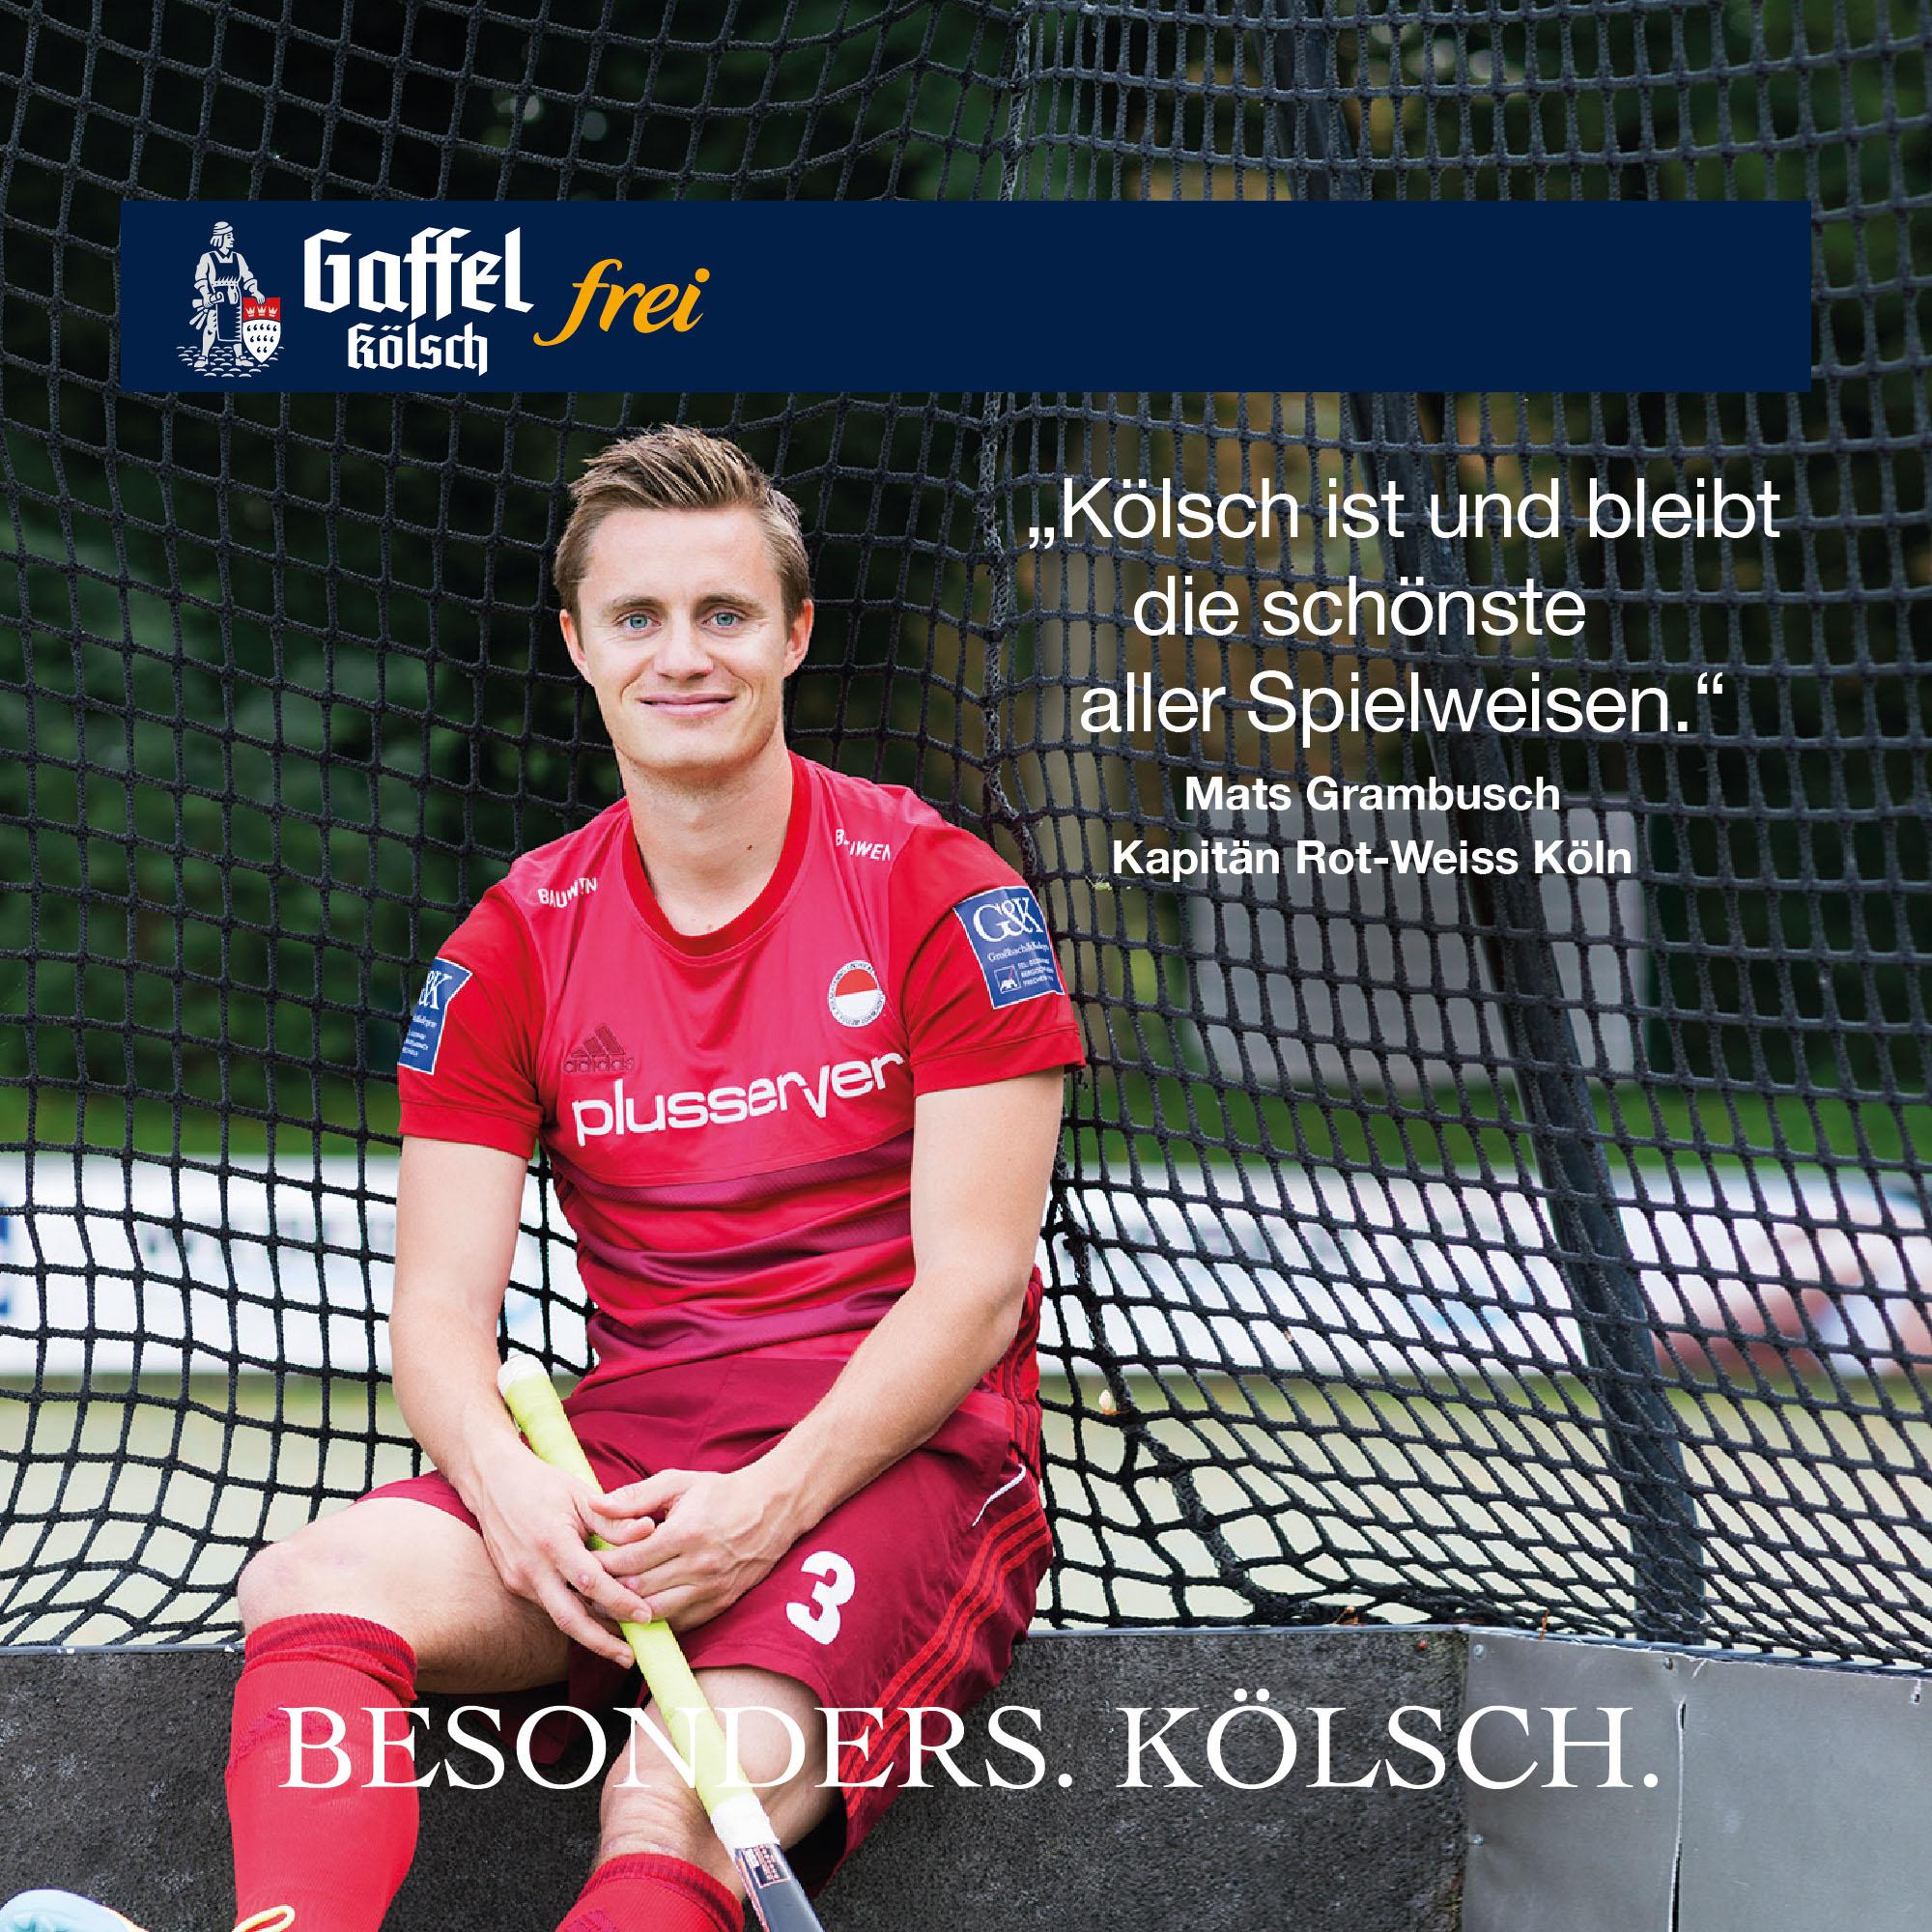 Mats Grambusch